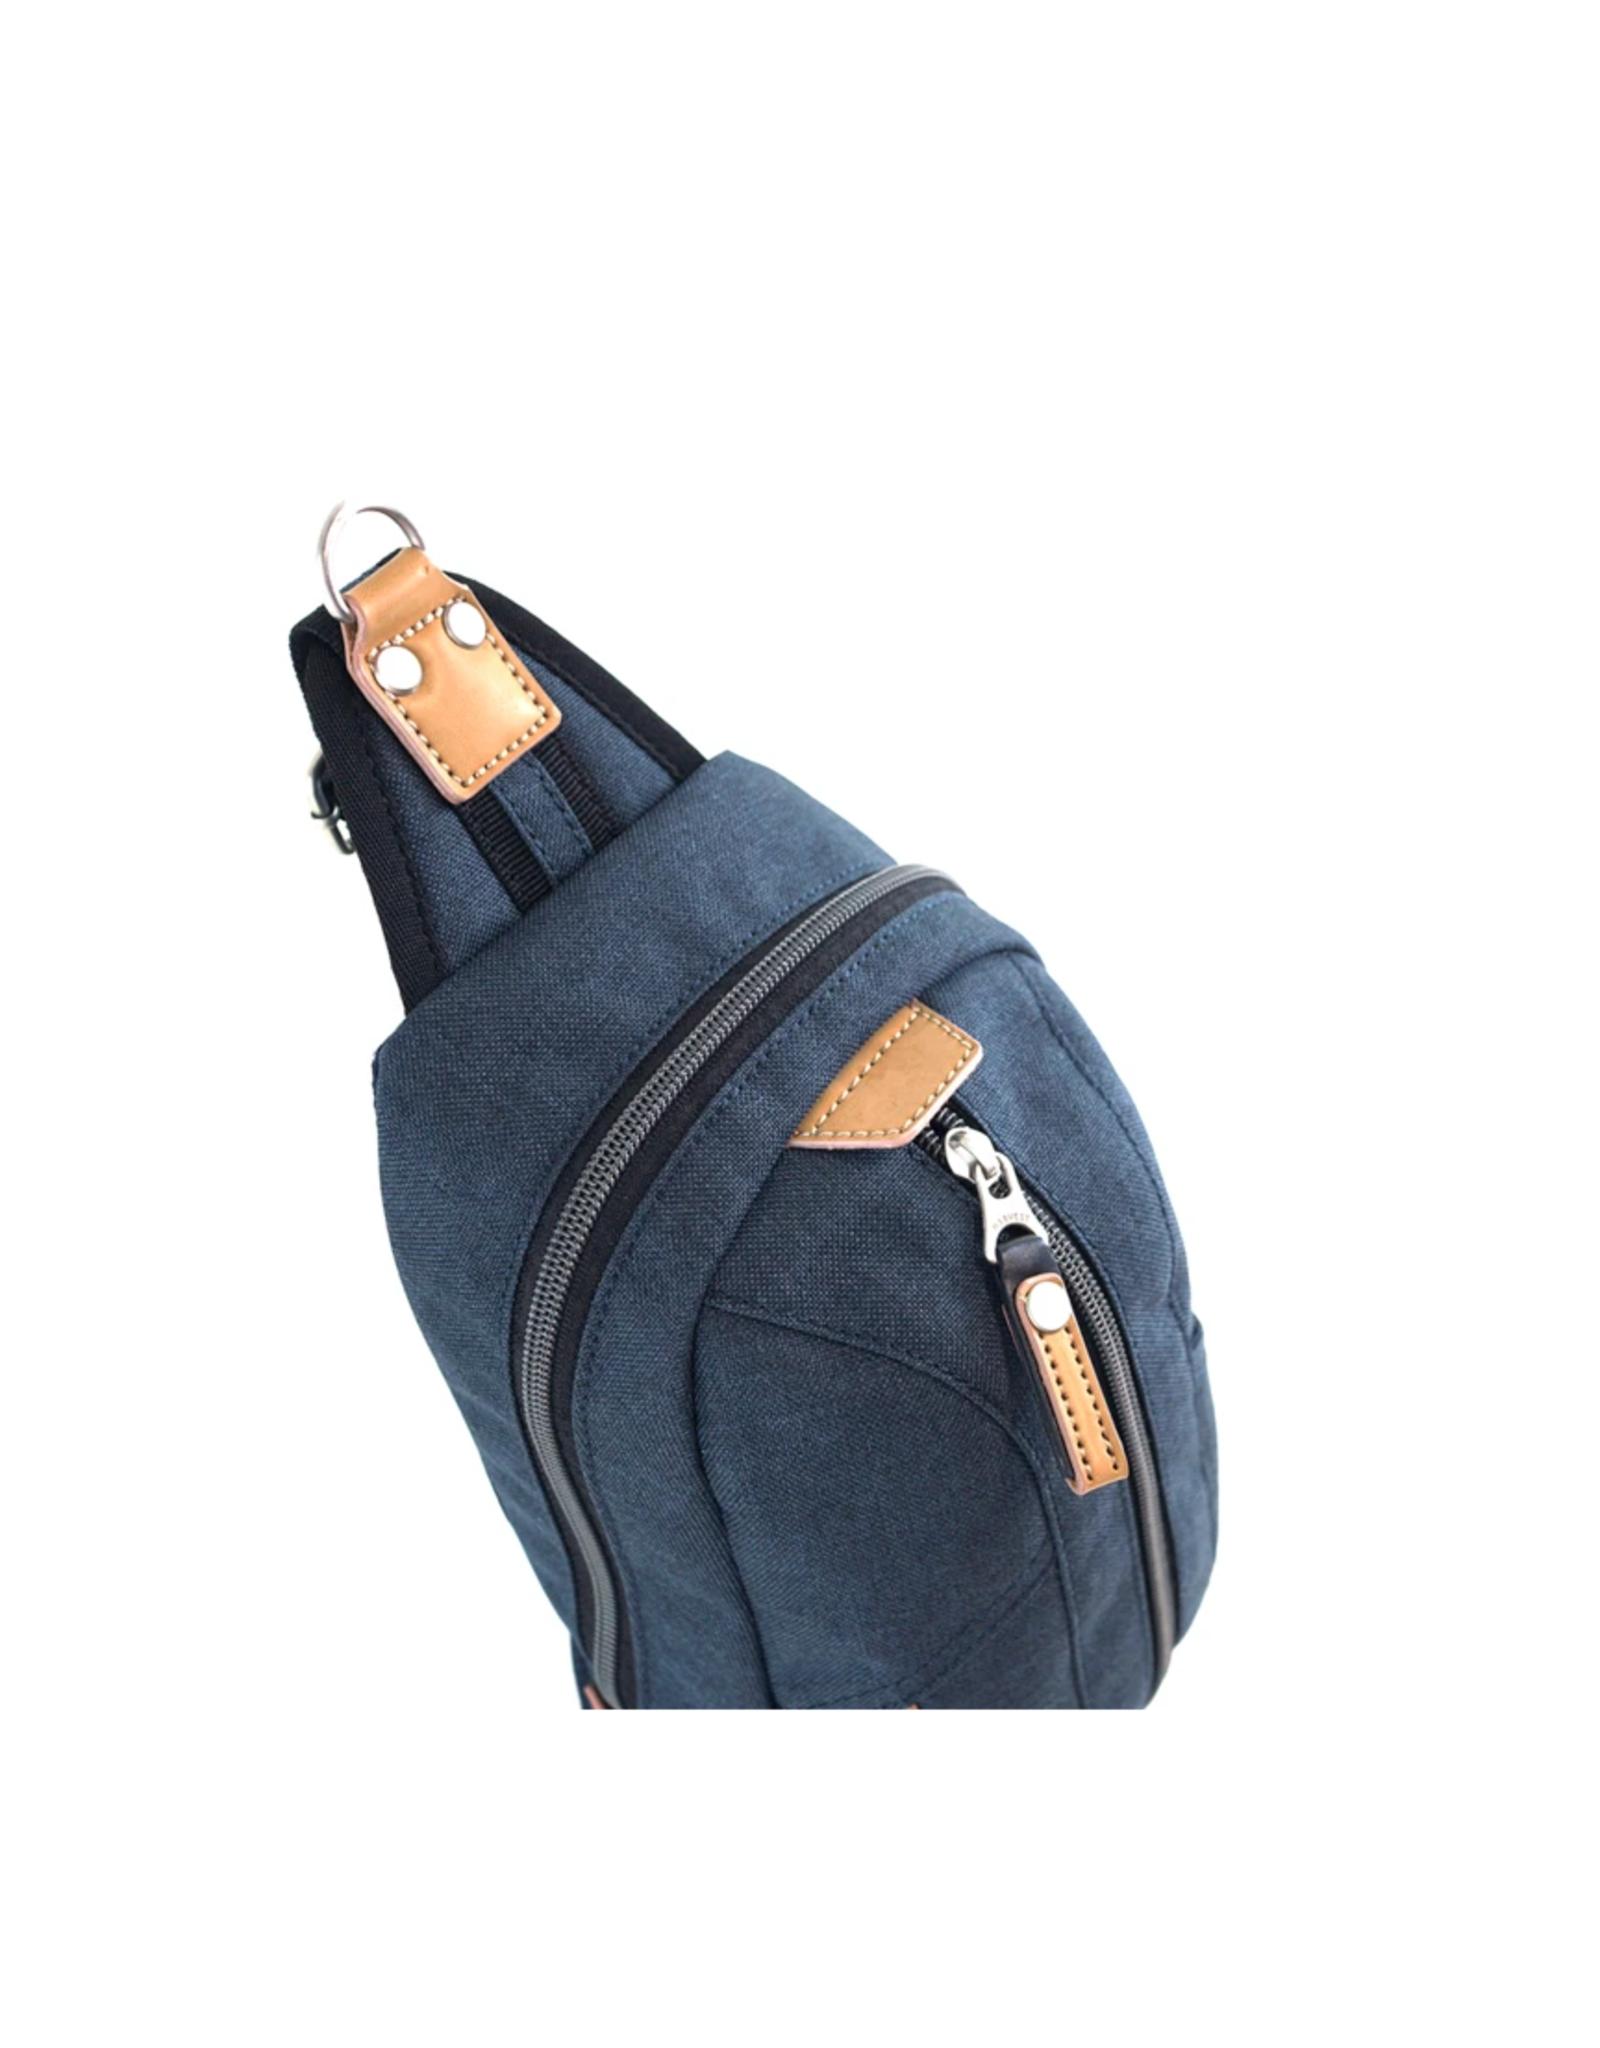 Aero Sling Pack -  Navy